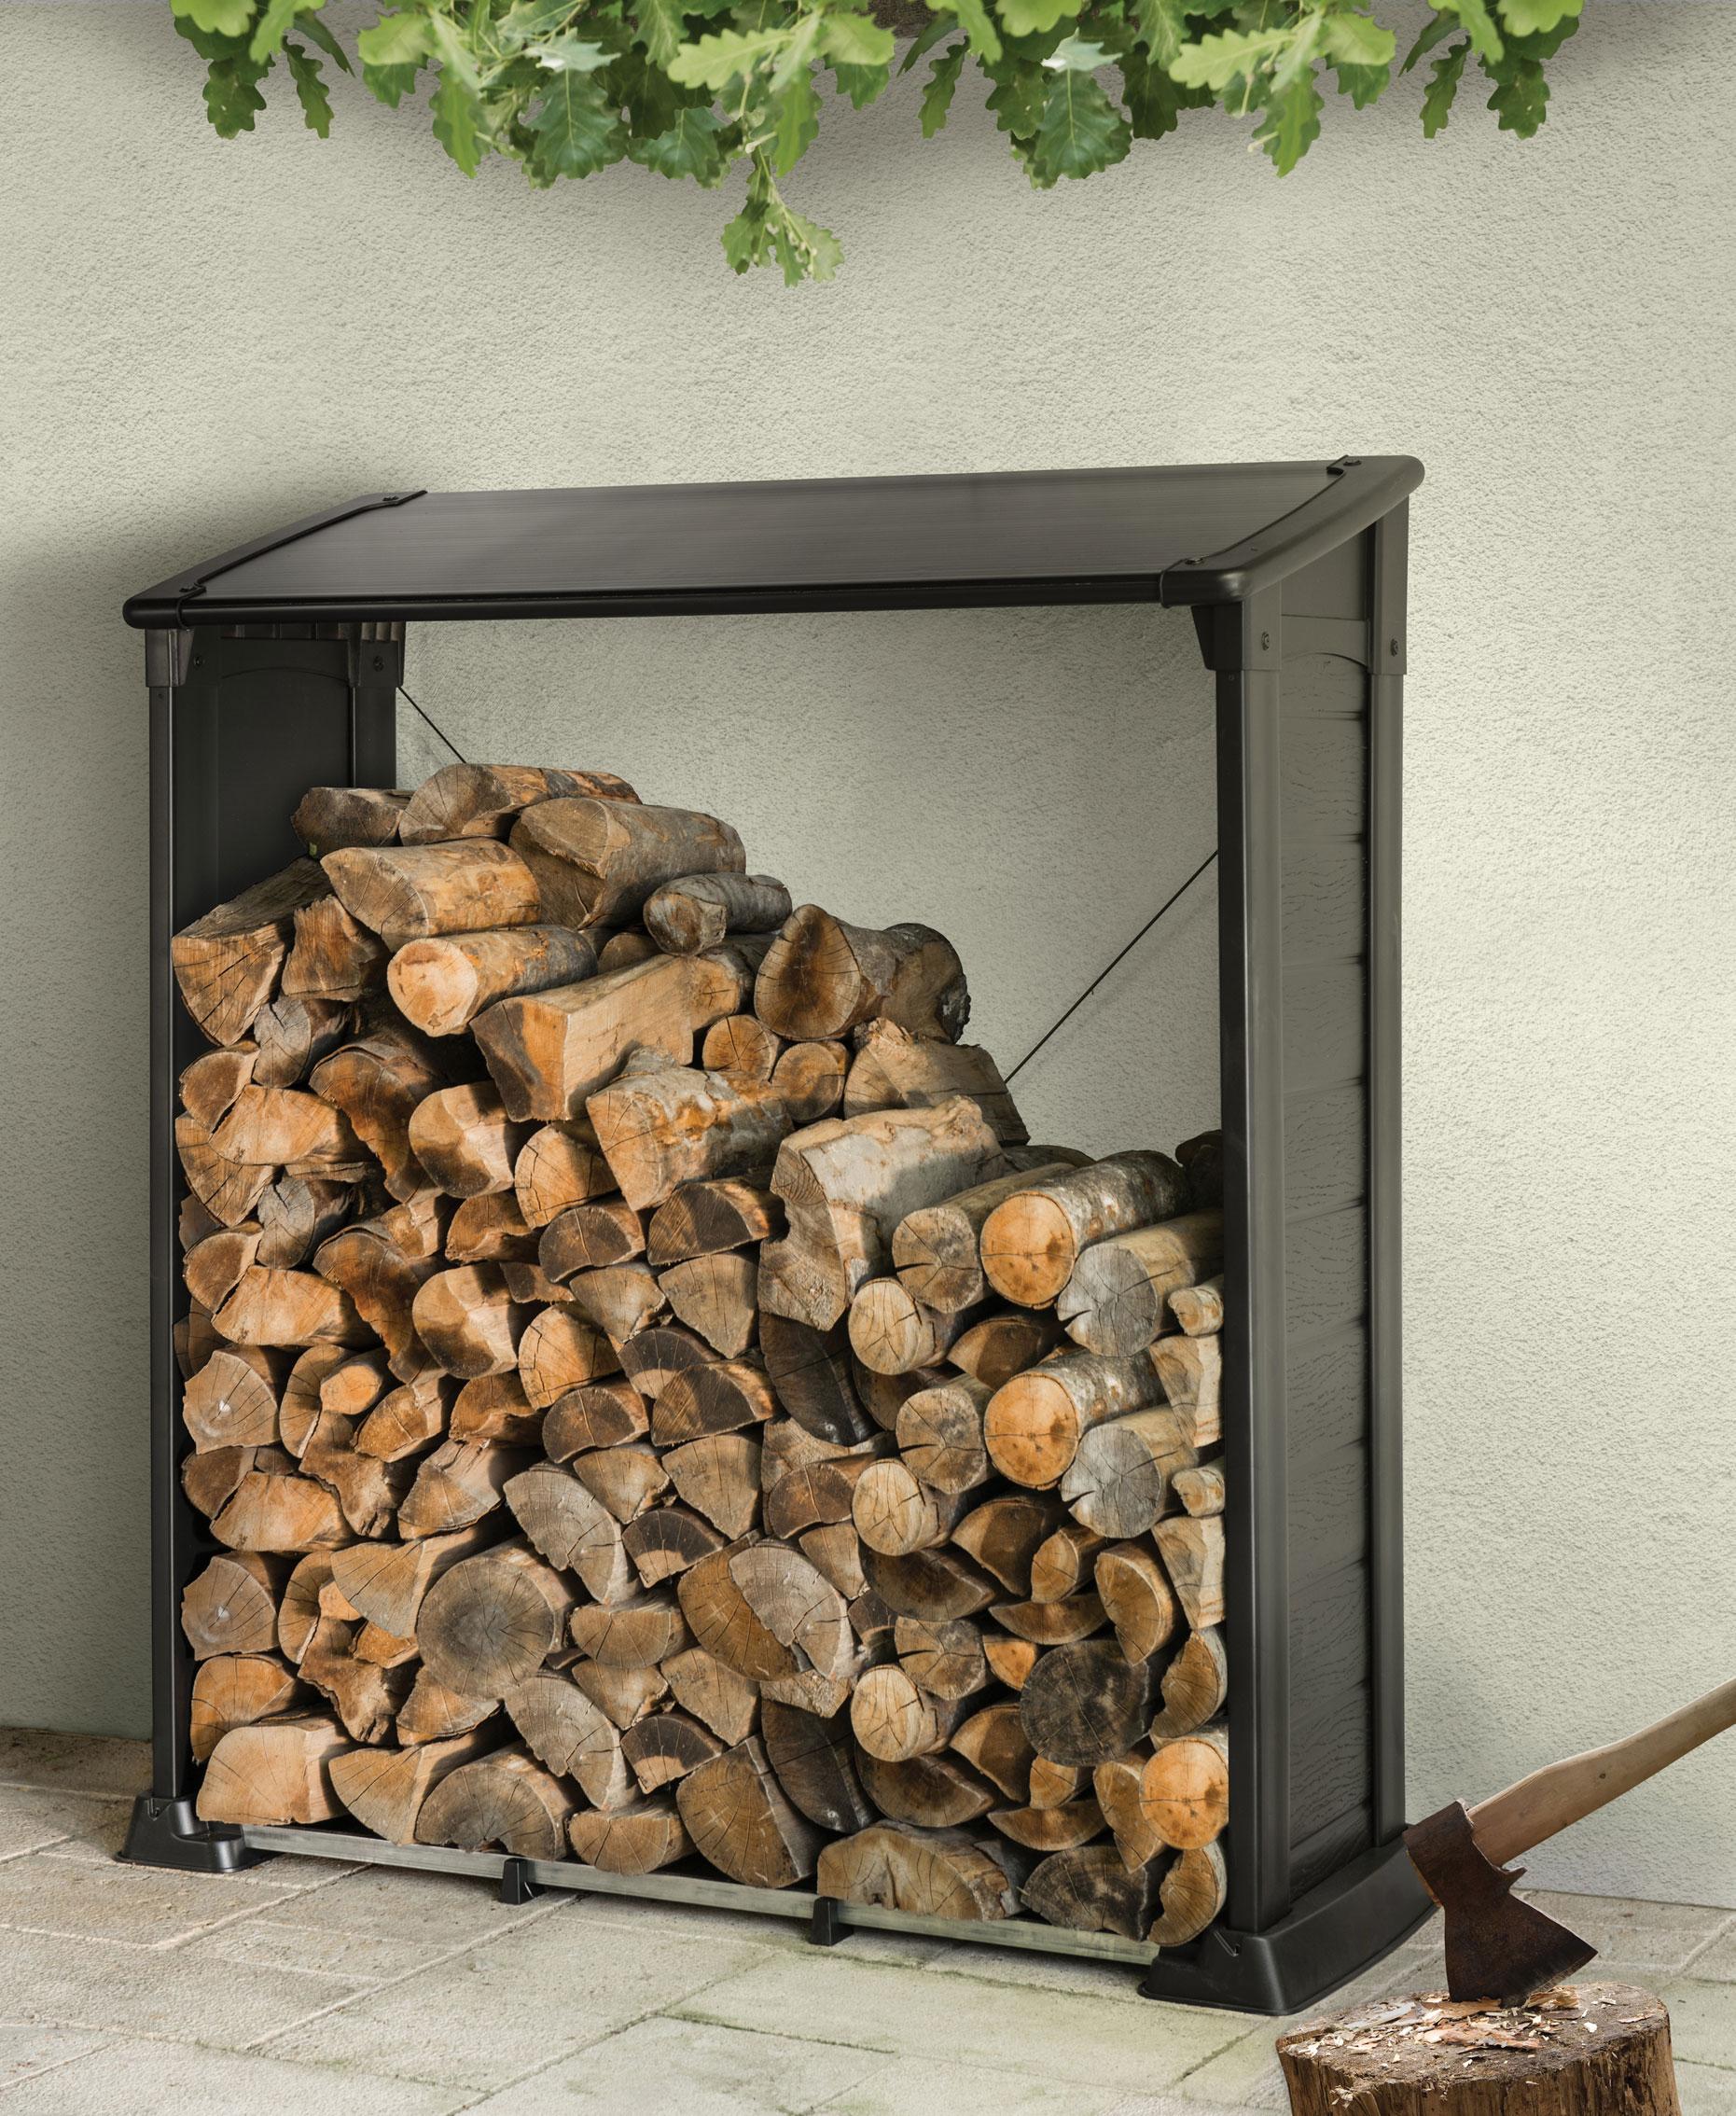 Brennholzregal  Kaminholzregal / Brennholzregal Tepro Keter 157,5x60,5x159cm - bei ...